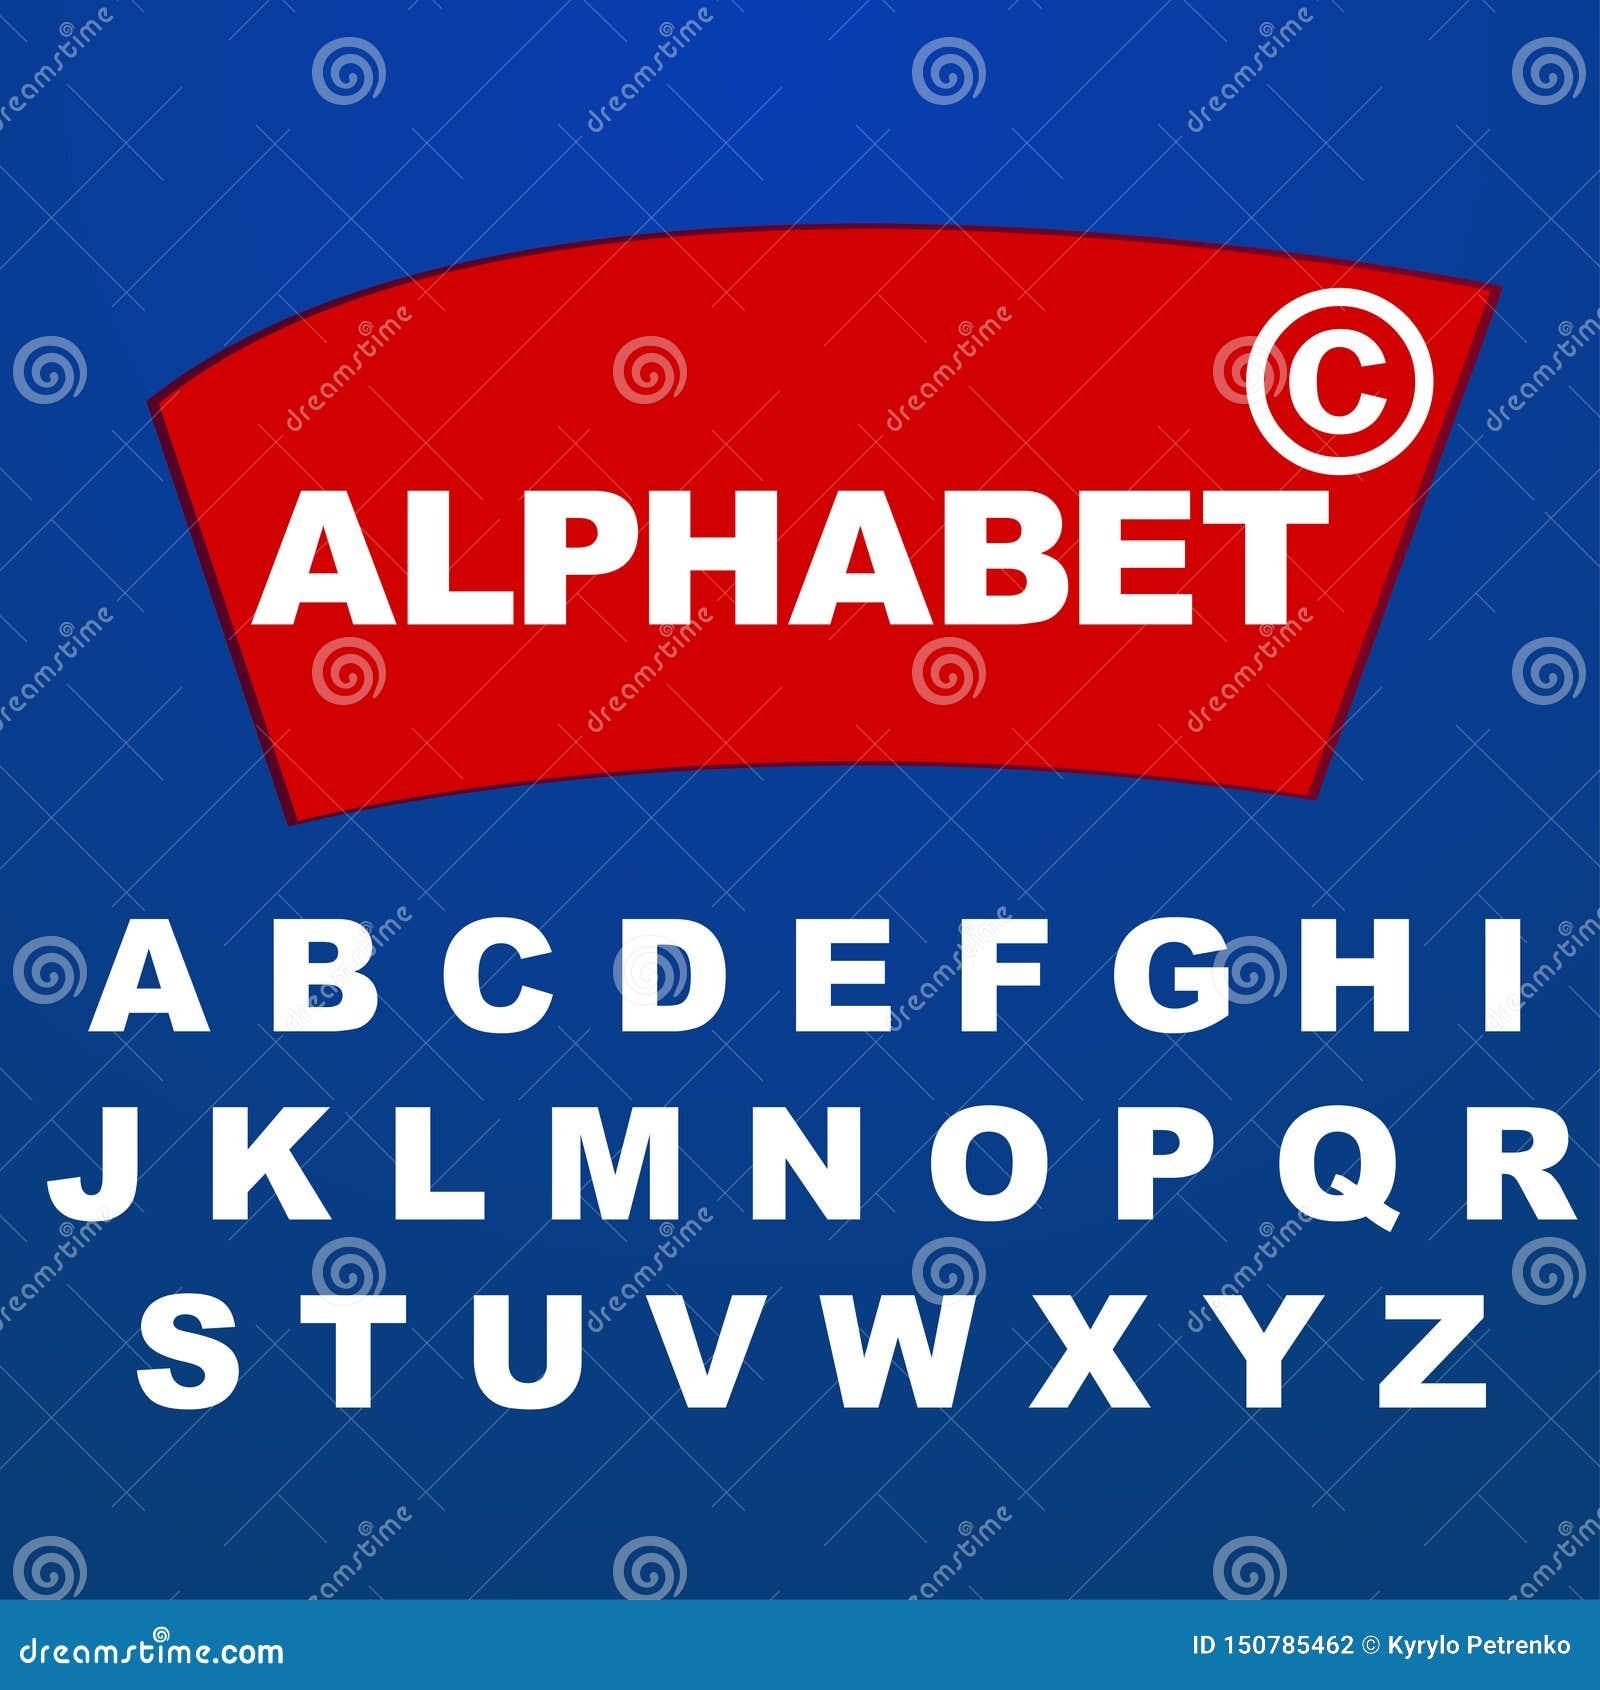 Alfabeto da fonte para o nome do logotipo do tipo da empresa